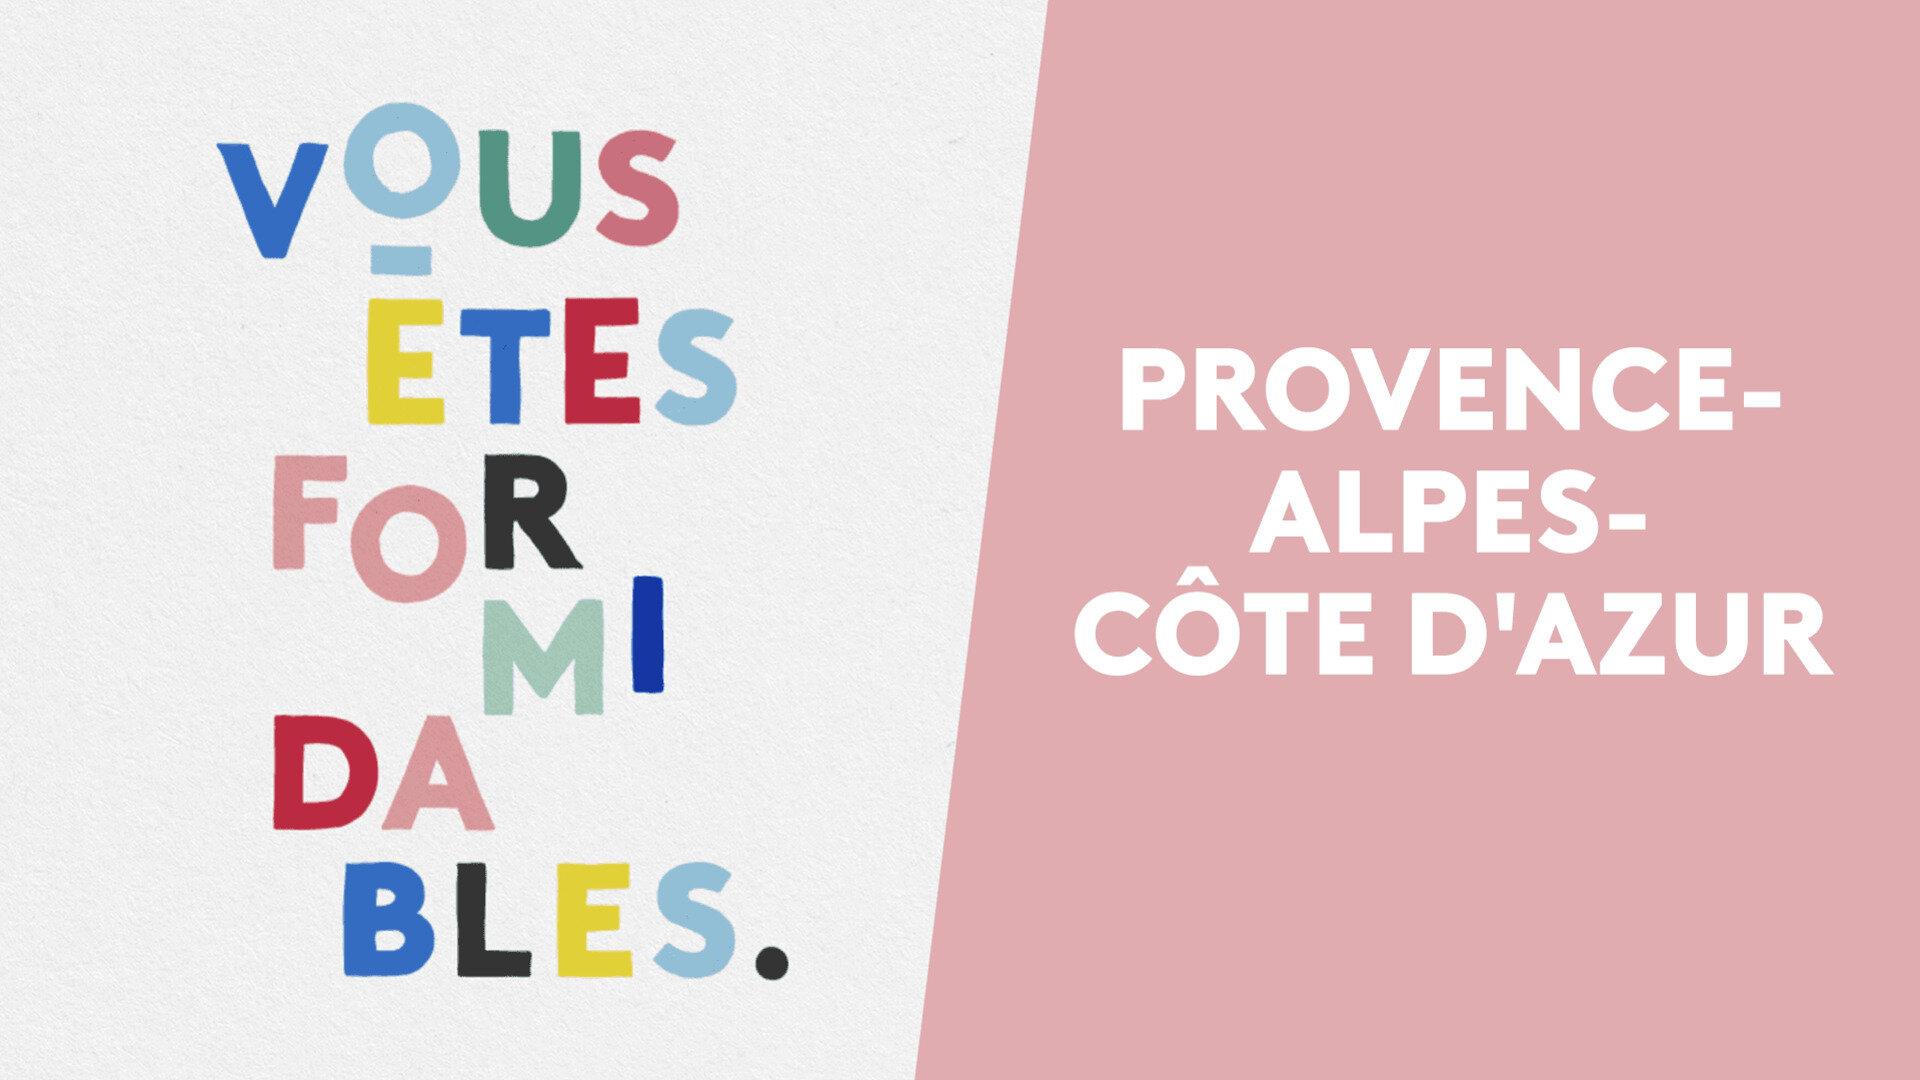 Vous êtes formidables - Provence-Alpes-Côte d'Azur